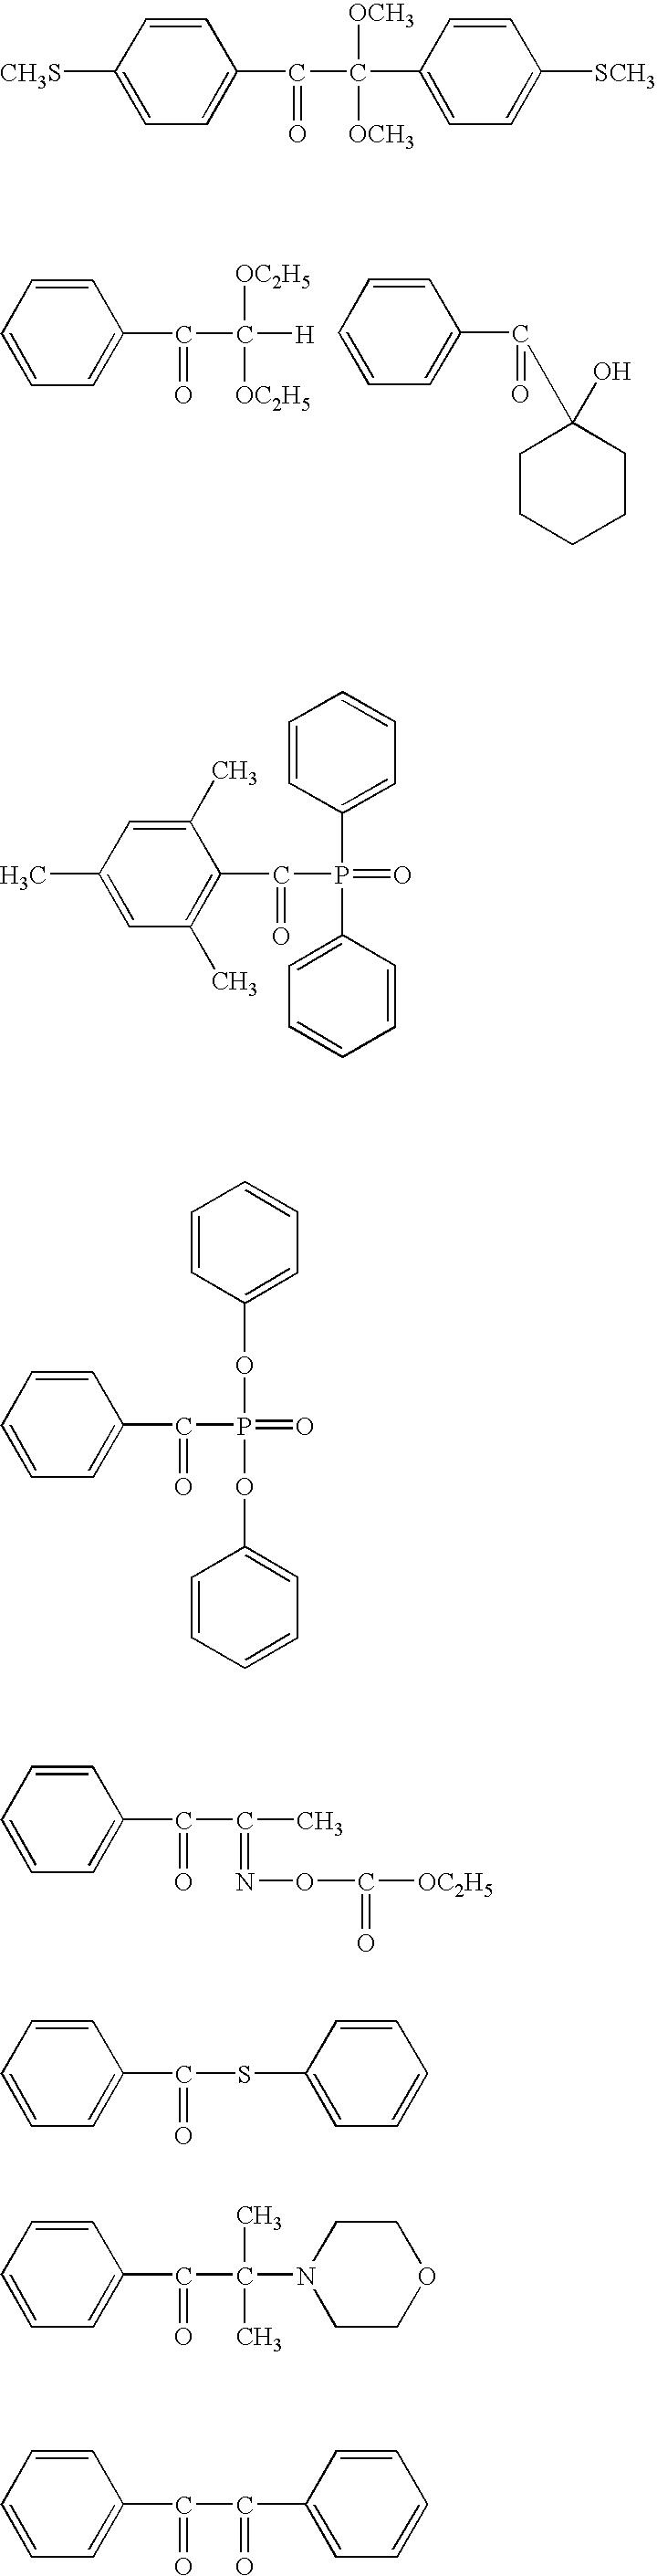 Figure US20090220753A1-20090903-C00010